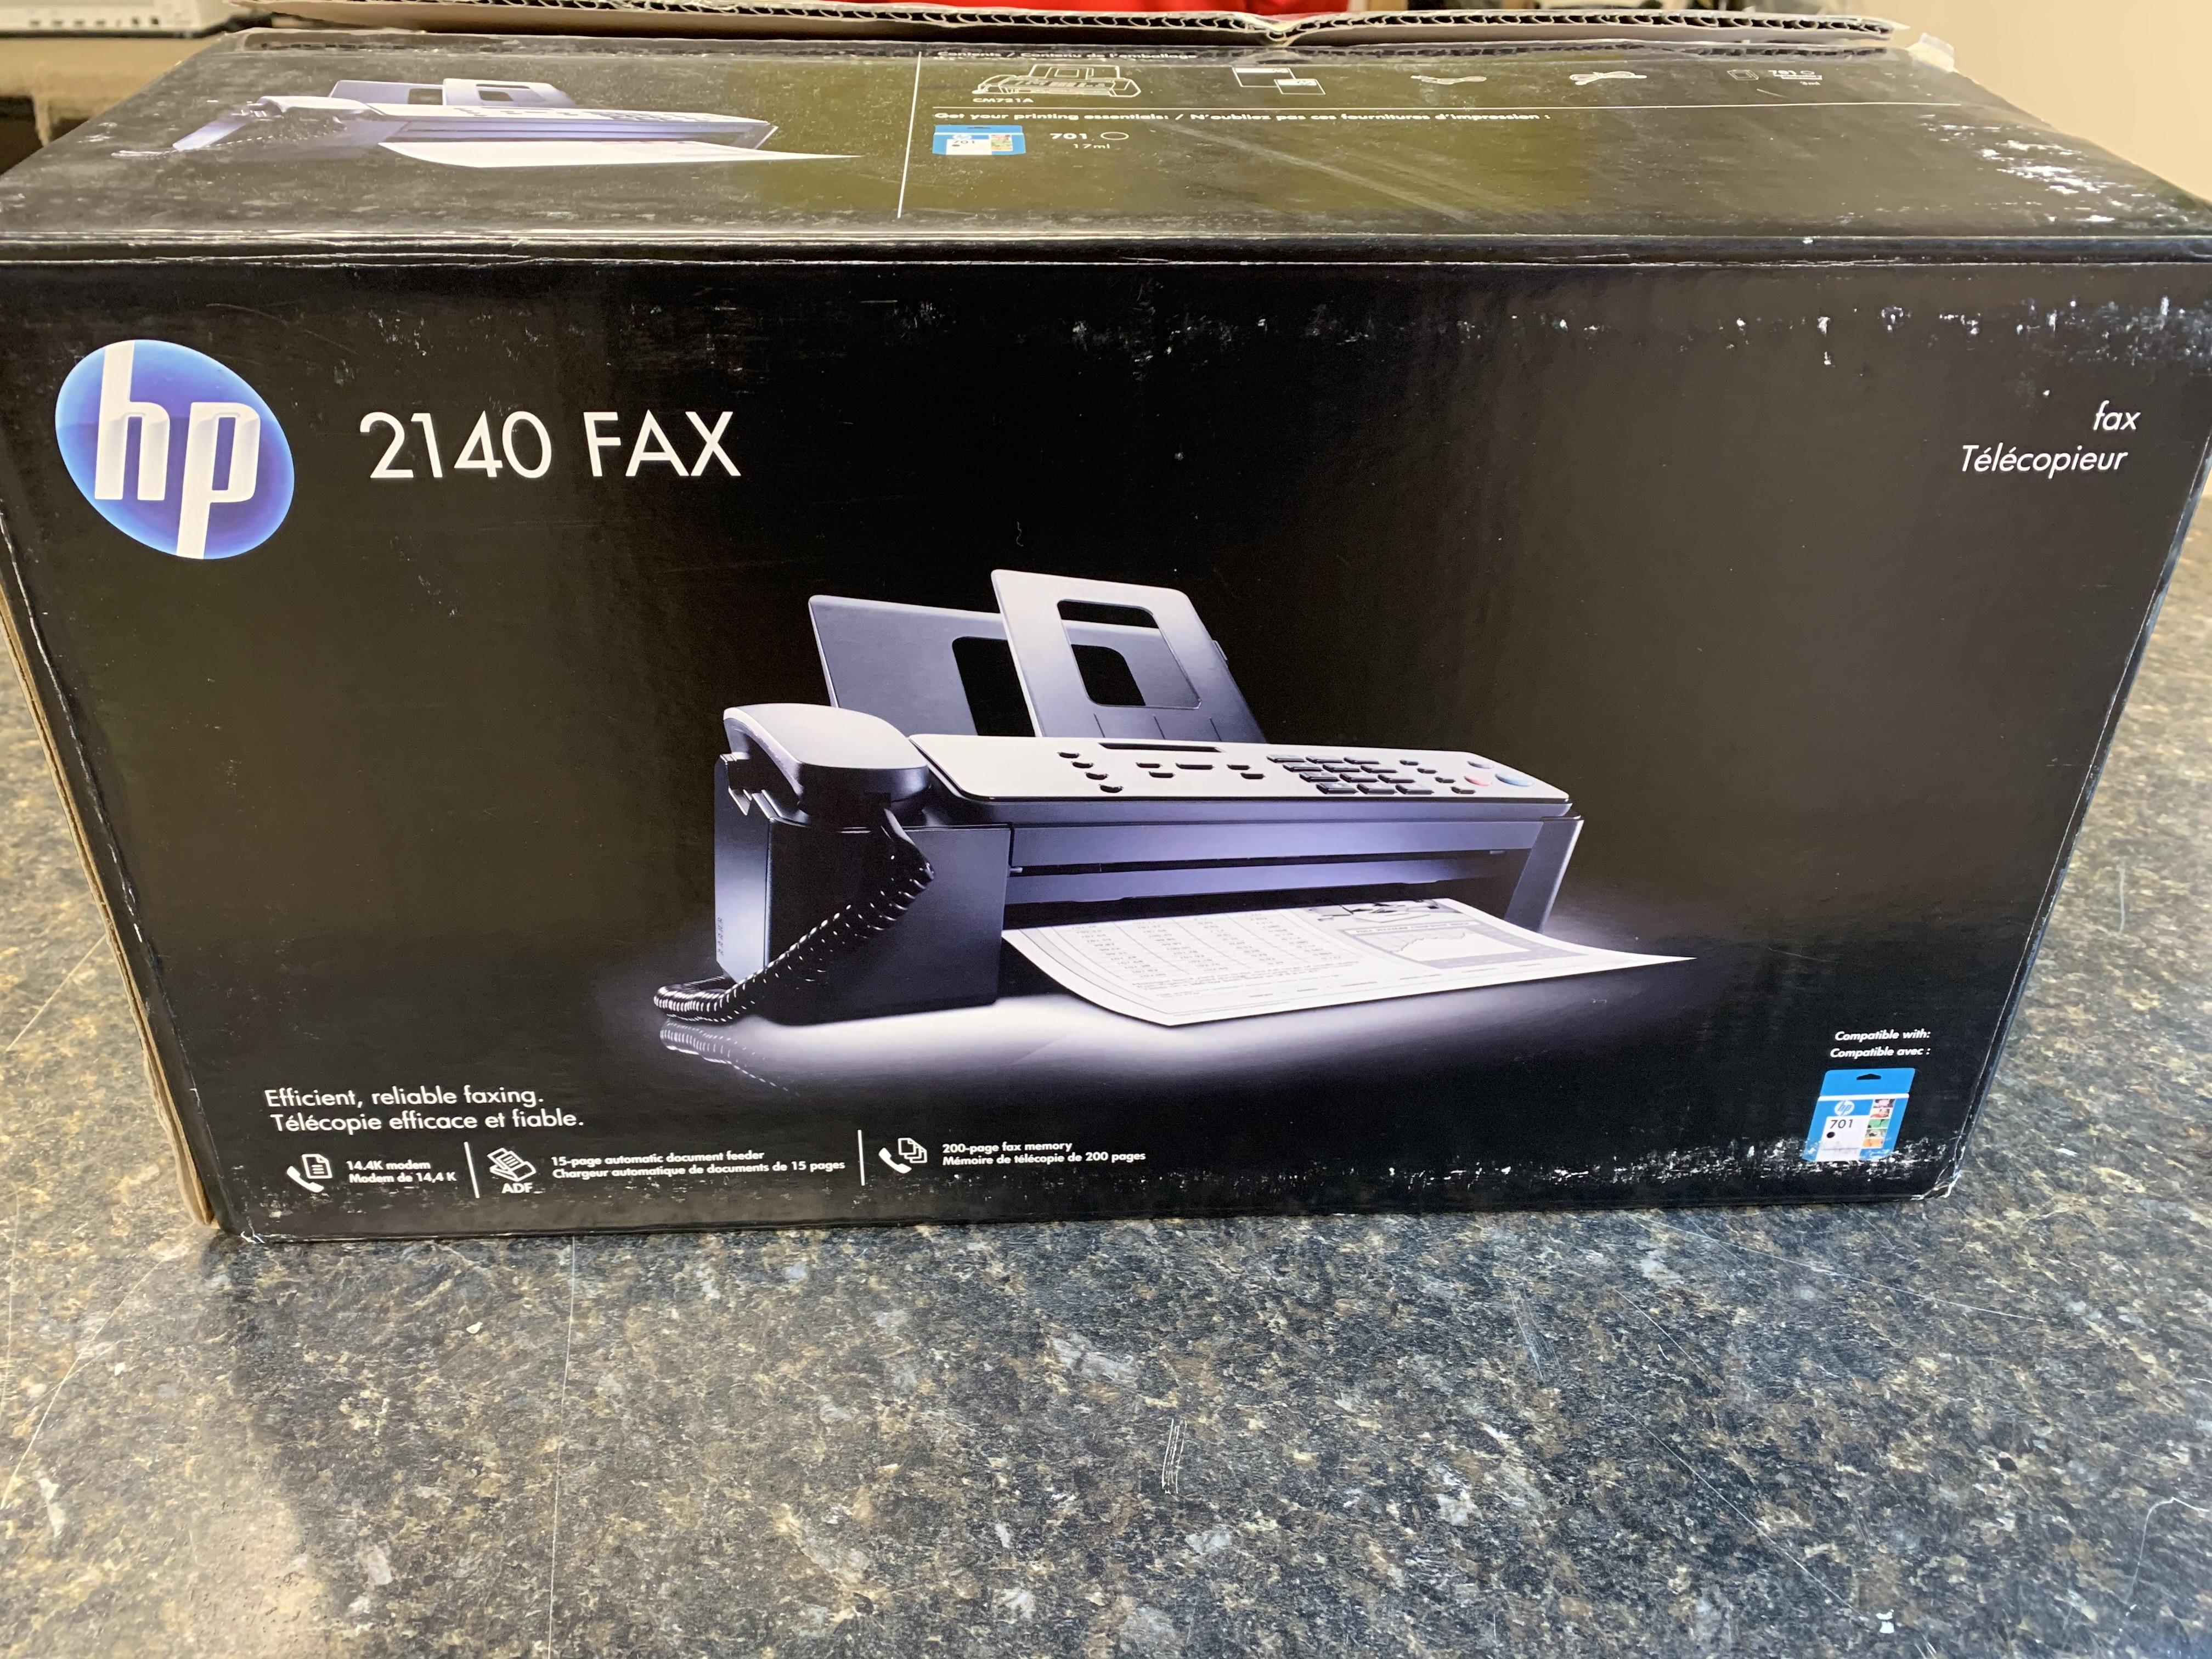 HEWLETT PACKARD 4120 FAX MACHINE IN BOX